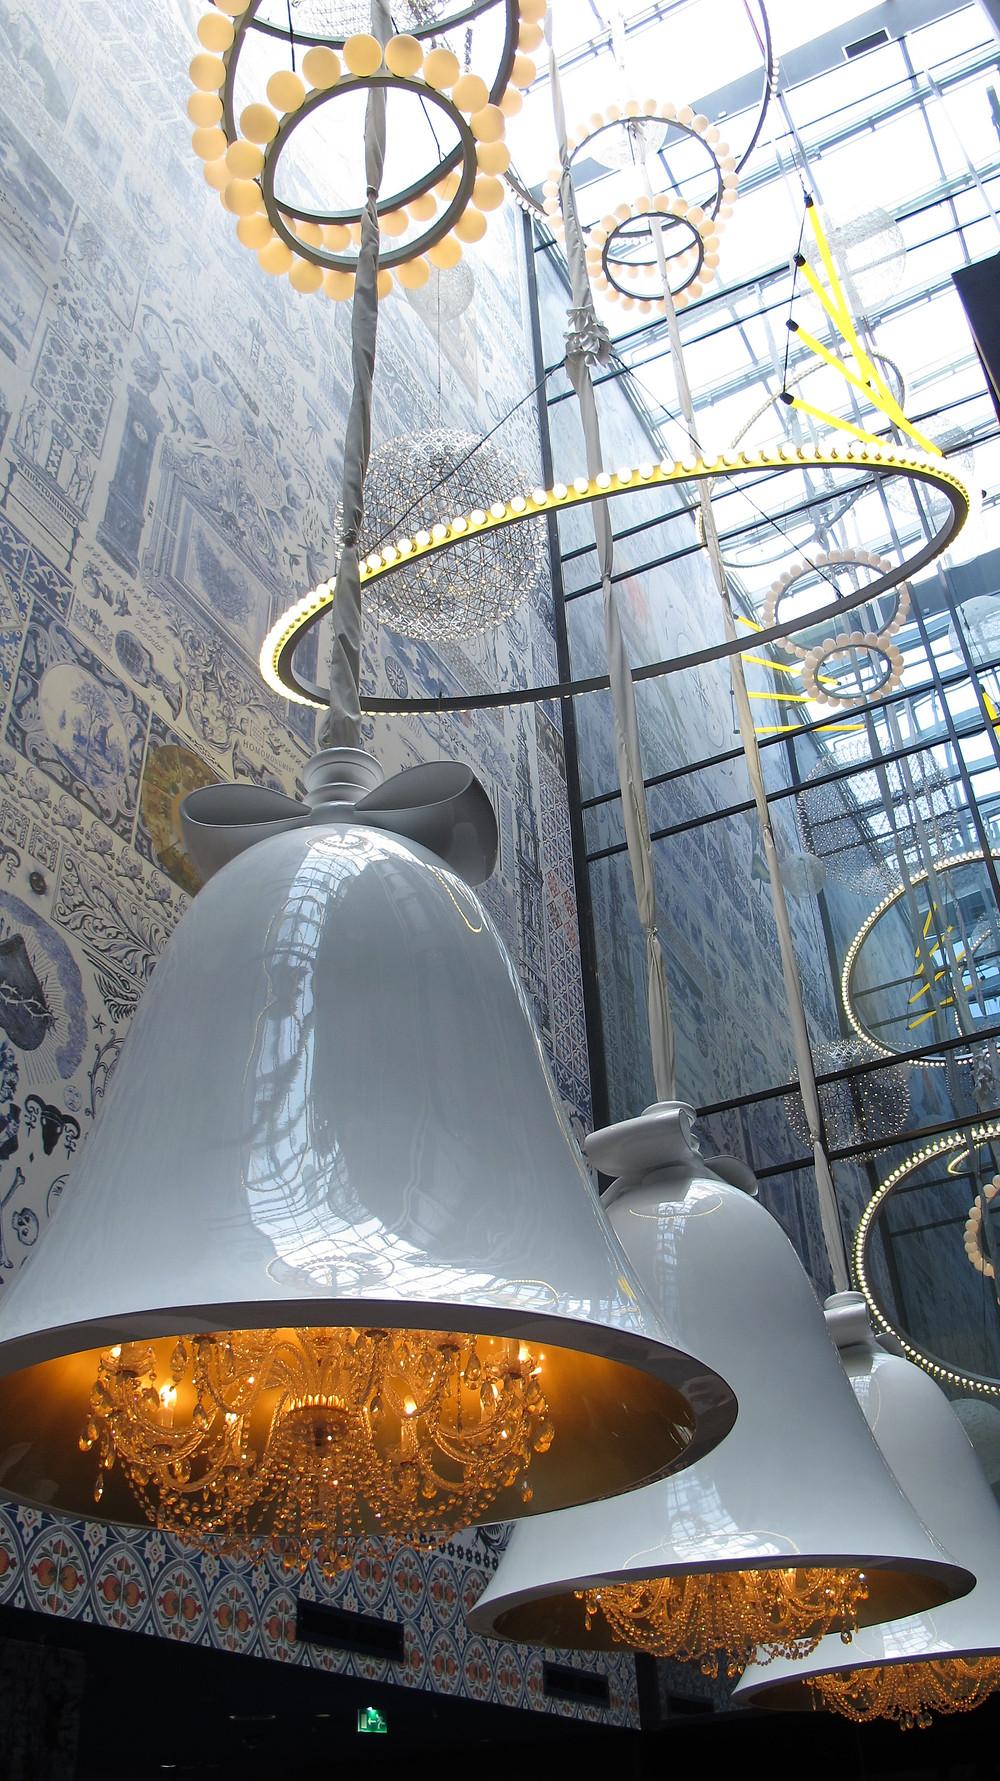 hotel atrium, modern lighting, chandelier,